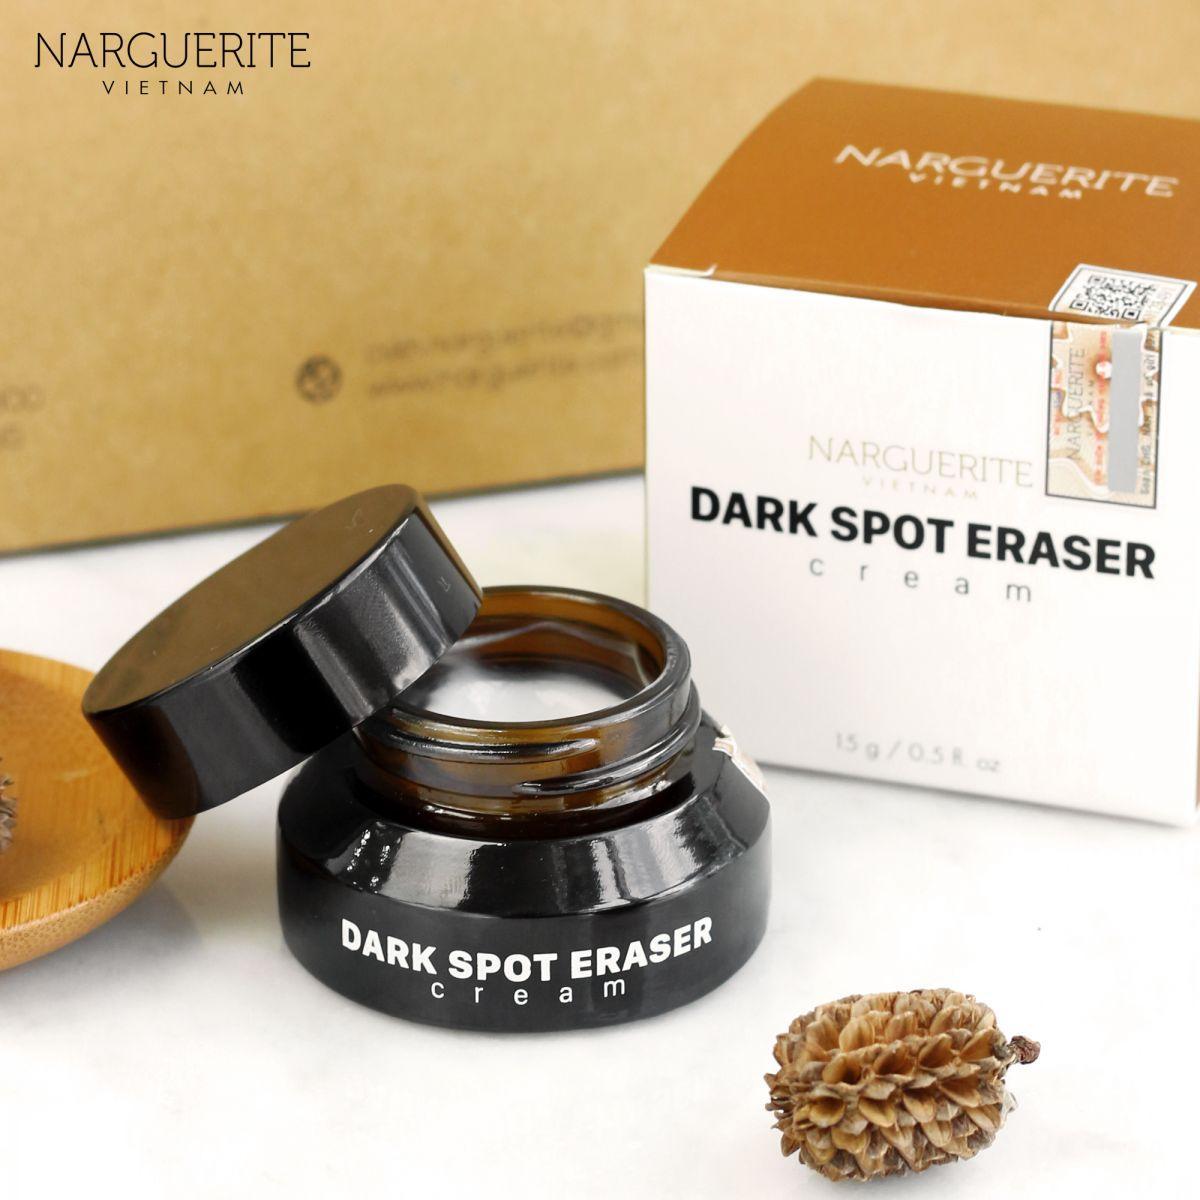 Kem dưỡng trắng trị nám, tàn nhang Dark Spot Eraser 15g chính hãng